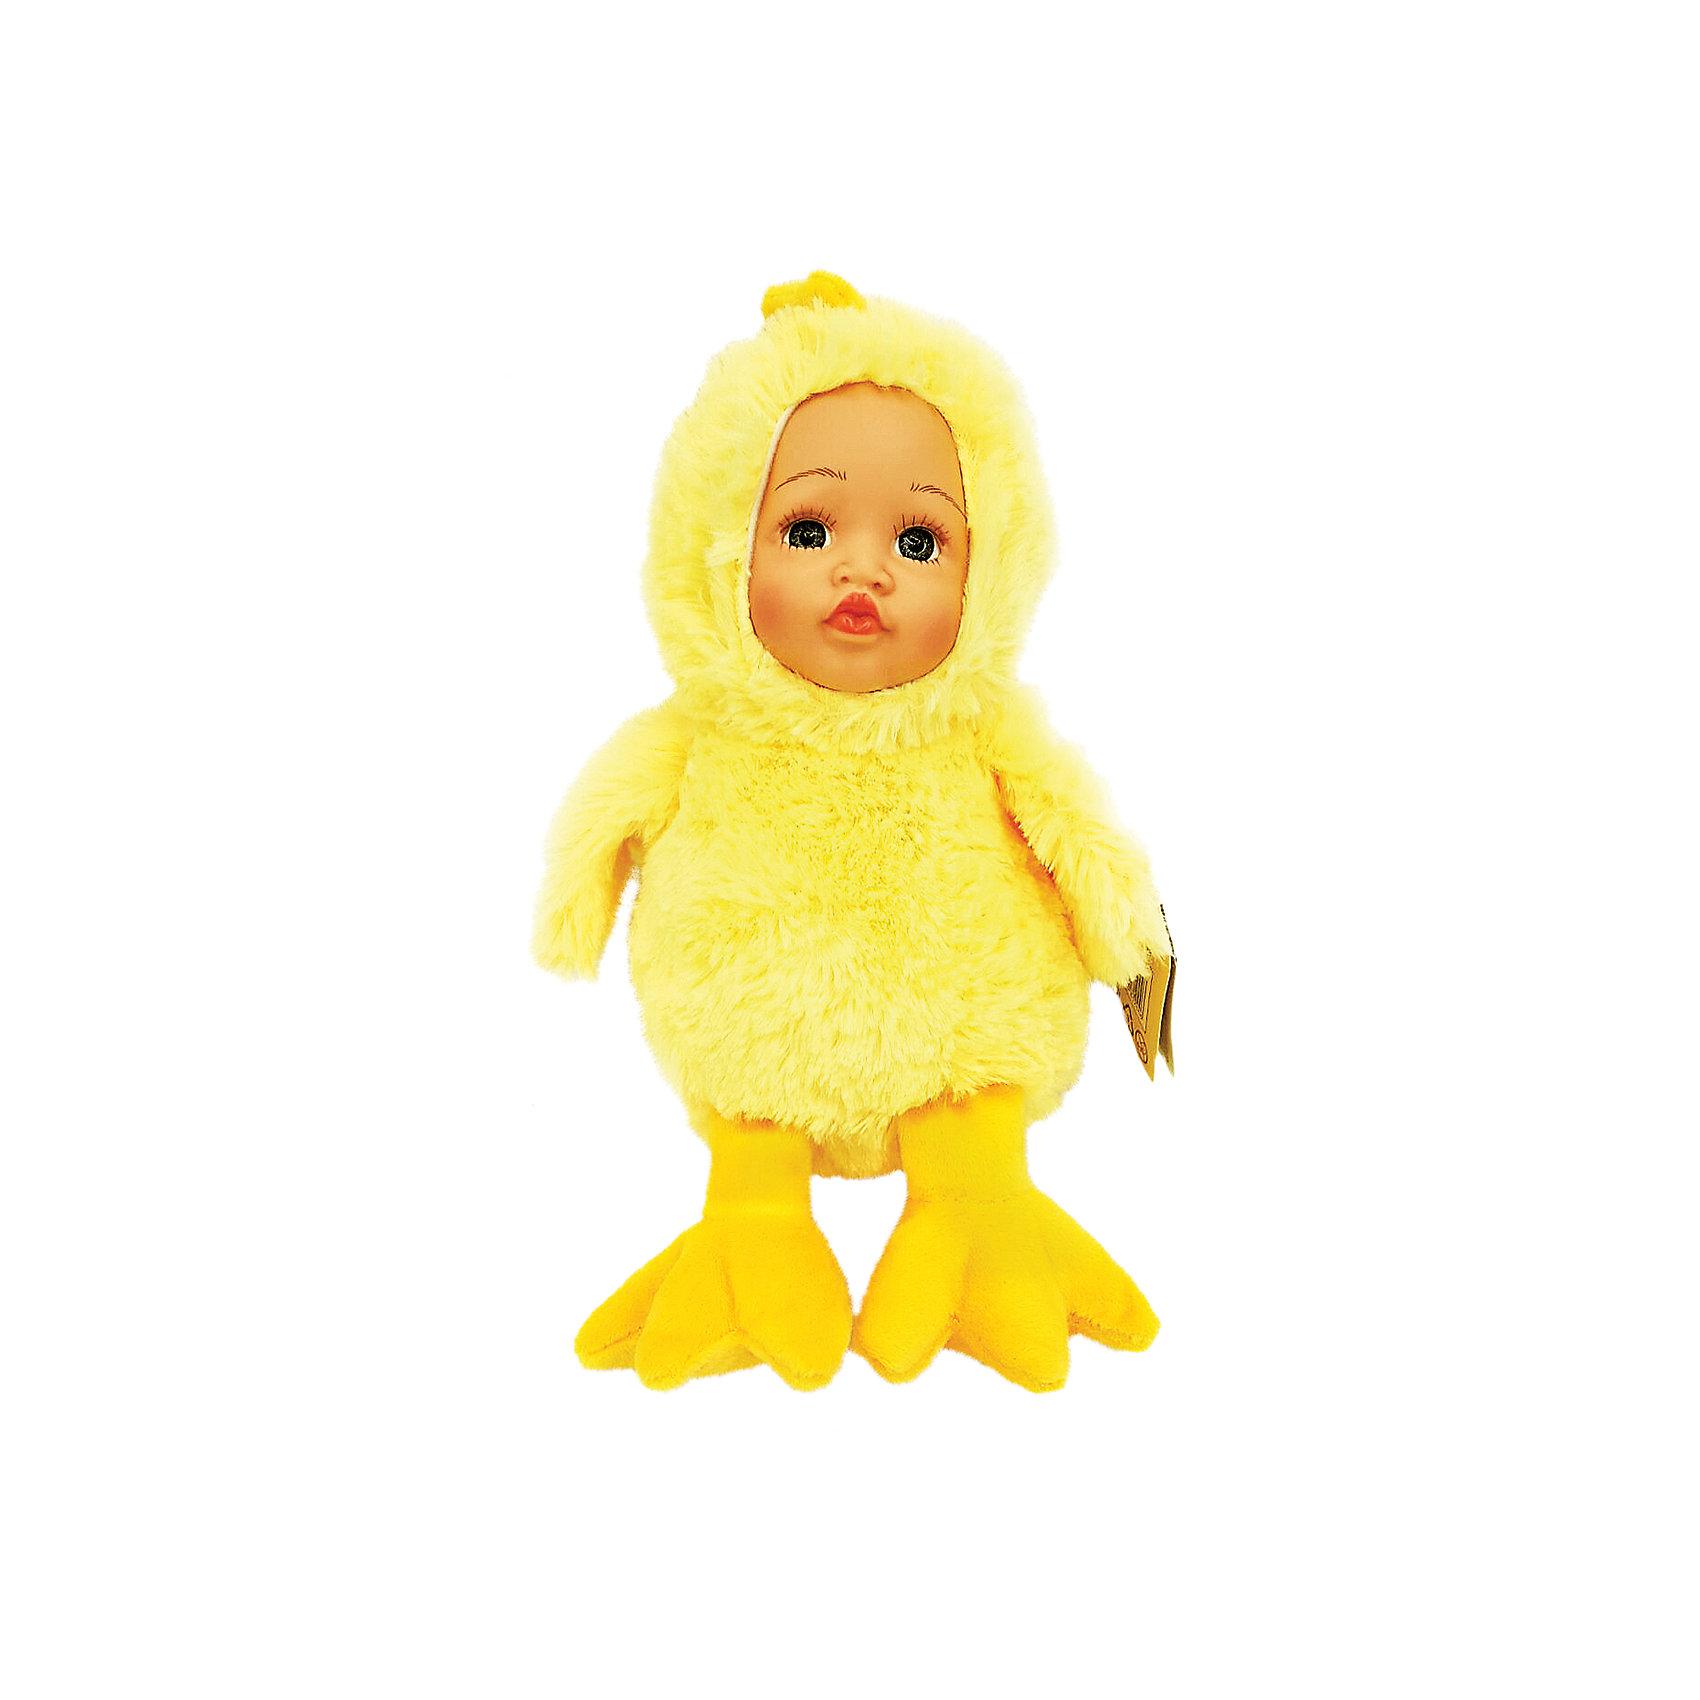 Игрушка Мой цыпленок, Fluffy FamilyМягкие куклы<br>Такая игрушка - милая вариация стандартной куклы–младенца. Малыш выполнен из пластика и тщательно прорисованным личиком. Одета кукла в костюм совенка. Ткань приятна на ощупь и малышу понравится играть с куклой. Игрушка подходит для одиночной игры малыша и для игр в компании. Не содержит мелких деталей. Кукла из коллекционной серии. Соберите весь набор! Материалы, использованные при изготовлении товара, абсолютно безопасны и отвечают всем международным требованиям по качеству.<br><br>Дополнительные характеристики:<br><br>материал: ПВХ, искусственный мех, пластик;<br>габариты: 20 X 9 X 30 см;<br>наполнитель: полиэтиленовые гранулы.<br><br>Игрушку Мой цыпленок от компании Fluffy Family можно приобрести в нашем магазине.<br><br>Ширина мм: 570<br>Глубина мм: 580<br>Высота мм: 450<br>Вес г: 115<br>Возраст от месяцев: 36<br>Возраст до месяцев: 96<br>Пол: Унисекс<br>Возраст: Детский<br>SKU: 5032469